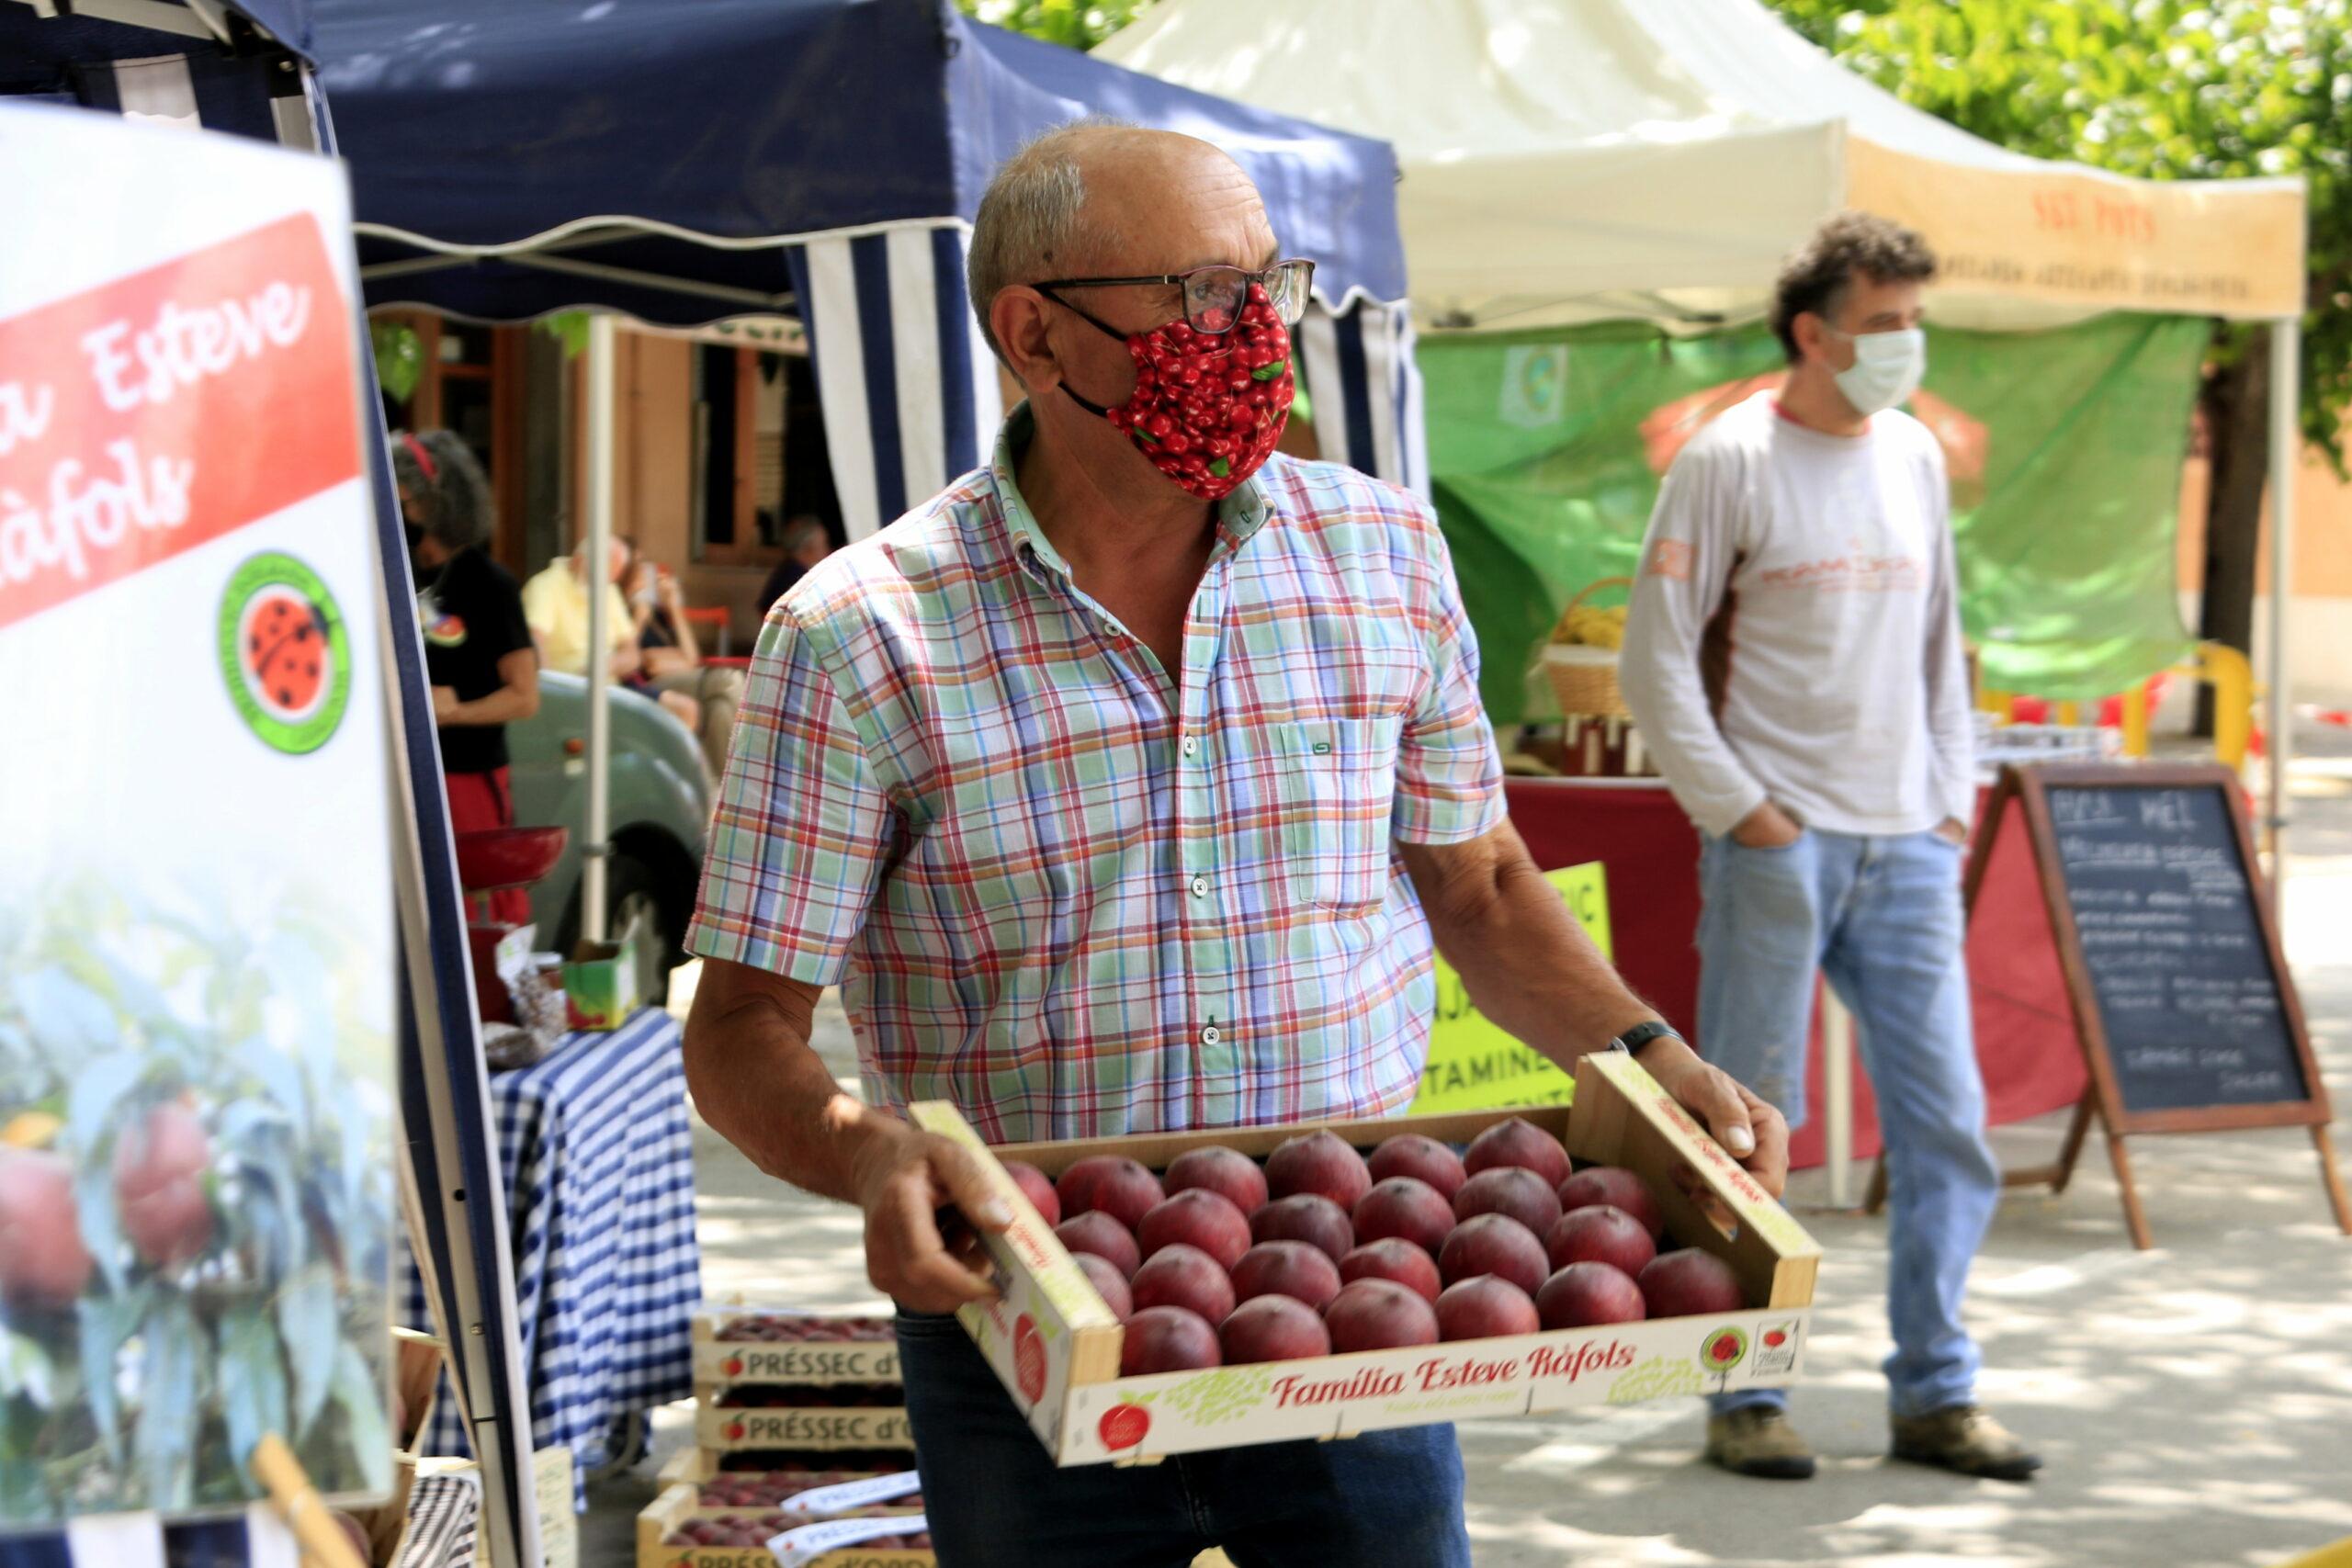 El productor Josep Esteve, de la Família Esteve Ràfols, al Mercat del Préssec d'Ordal; porta una mascareta estampada amb cireres i subjecta una caixa de préssecs | ACN